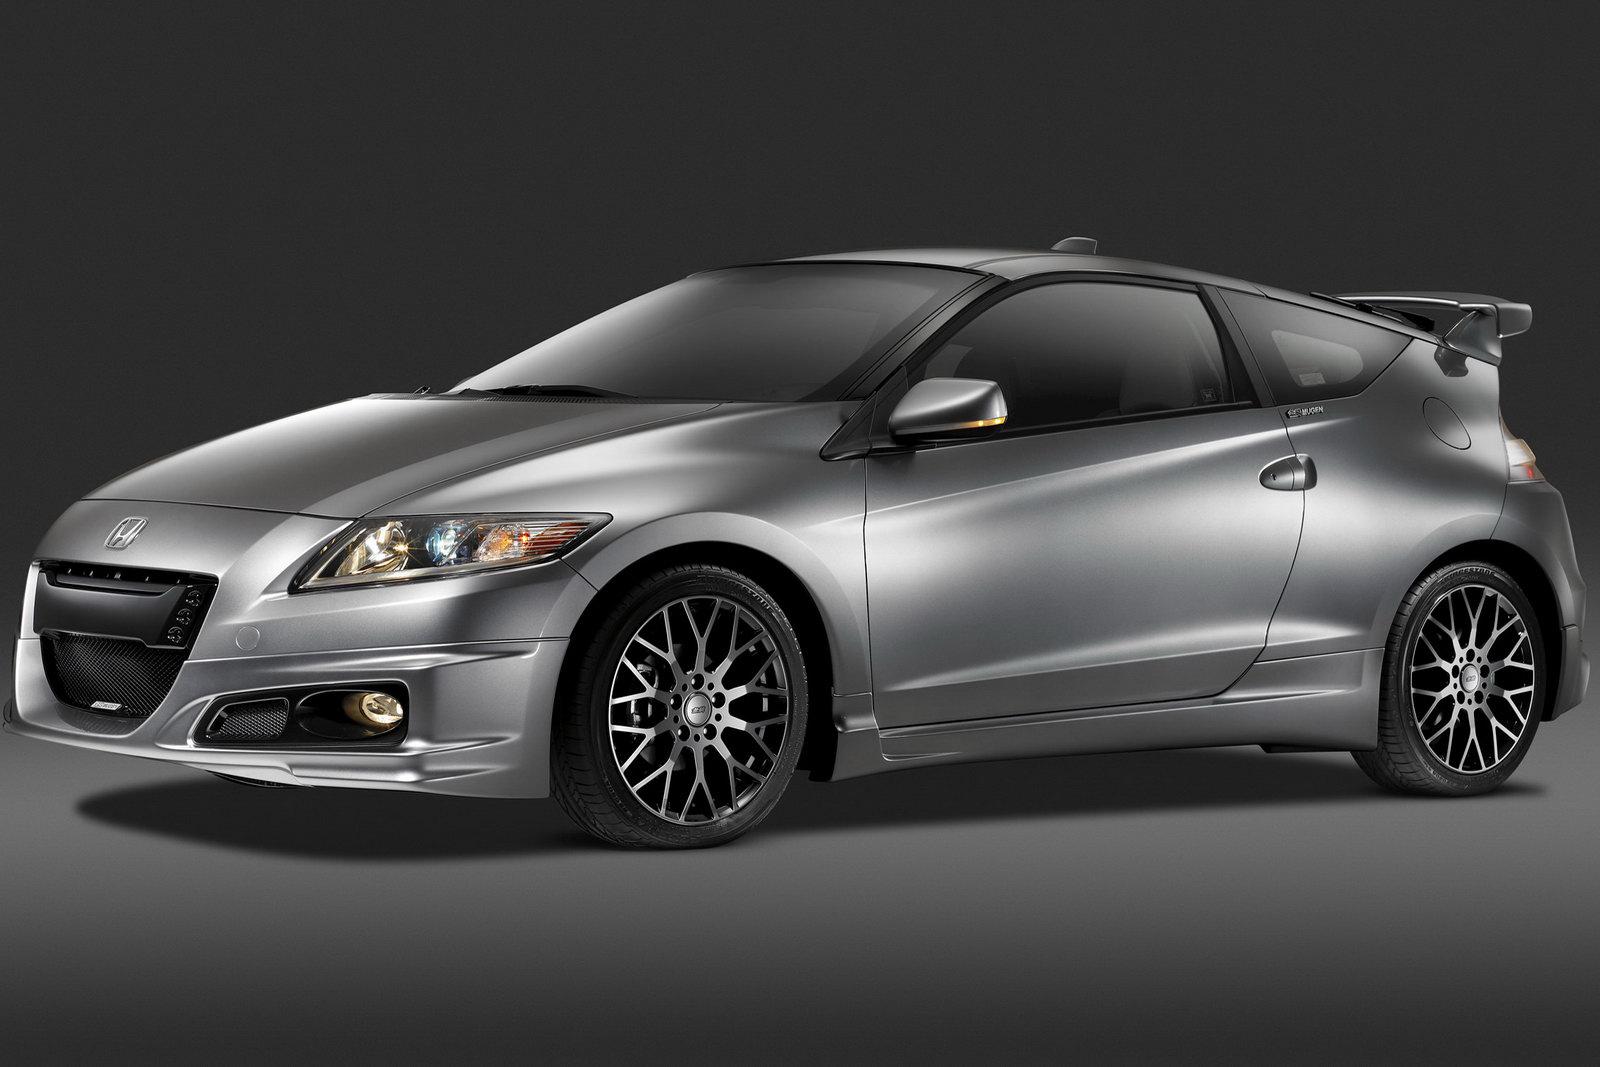 Speeda Cars: 2011 Honda Sports Car